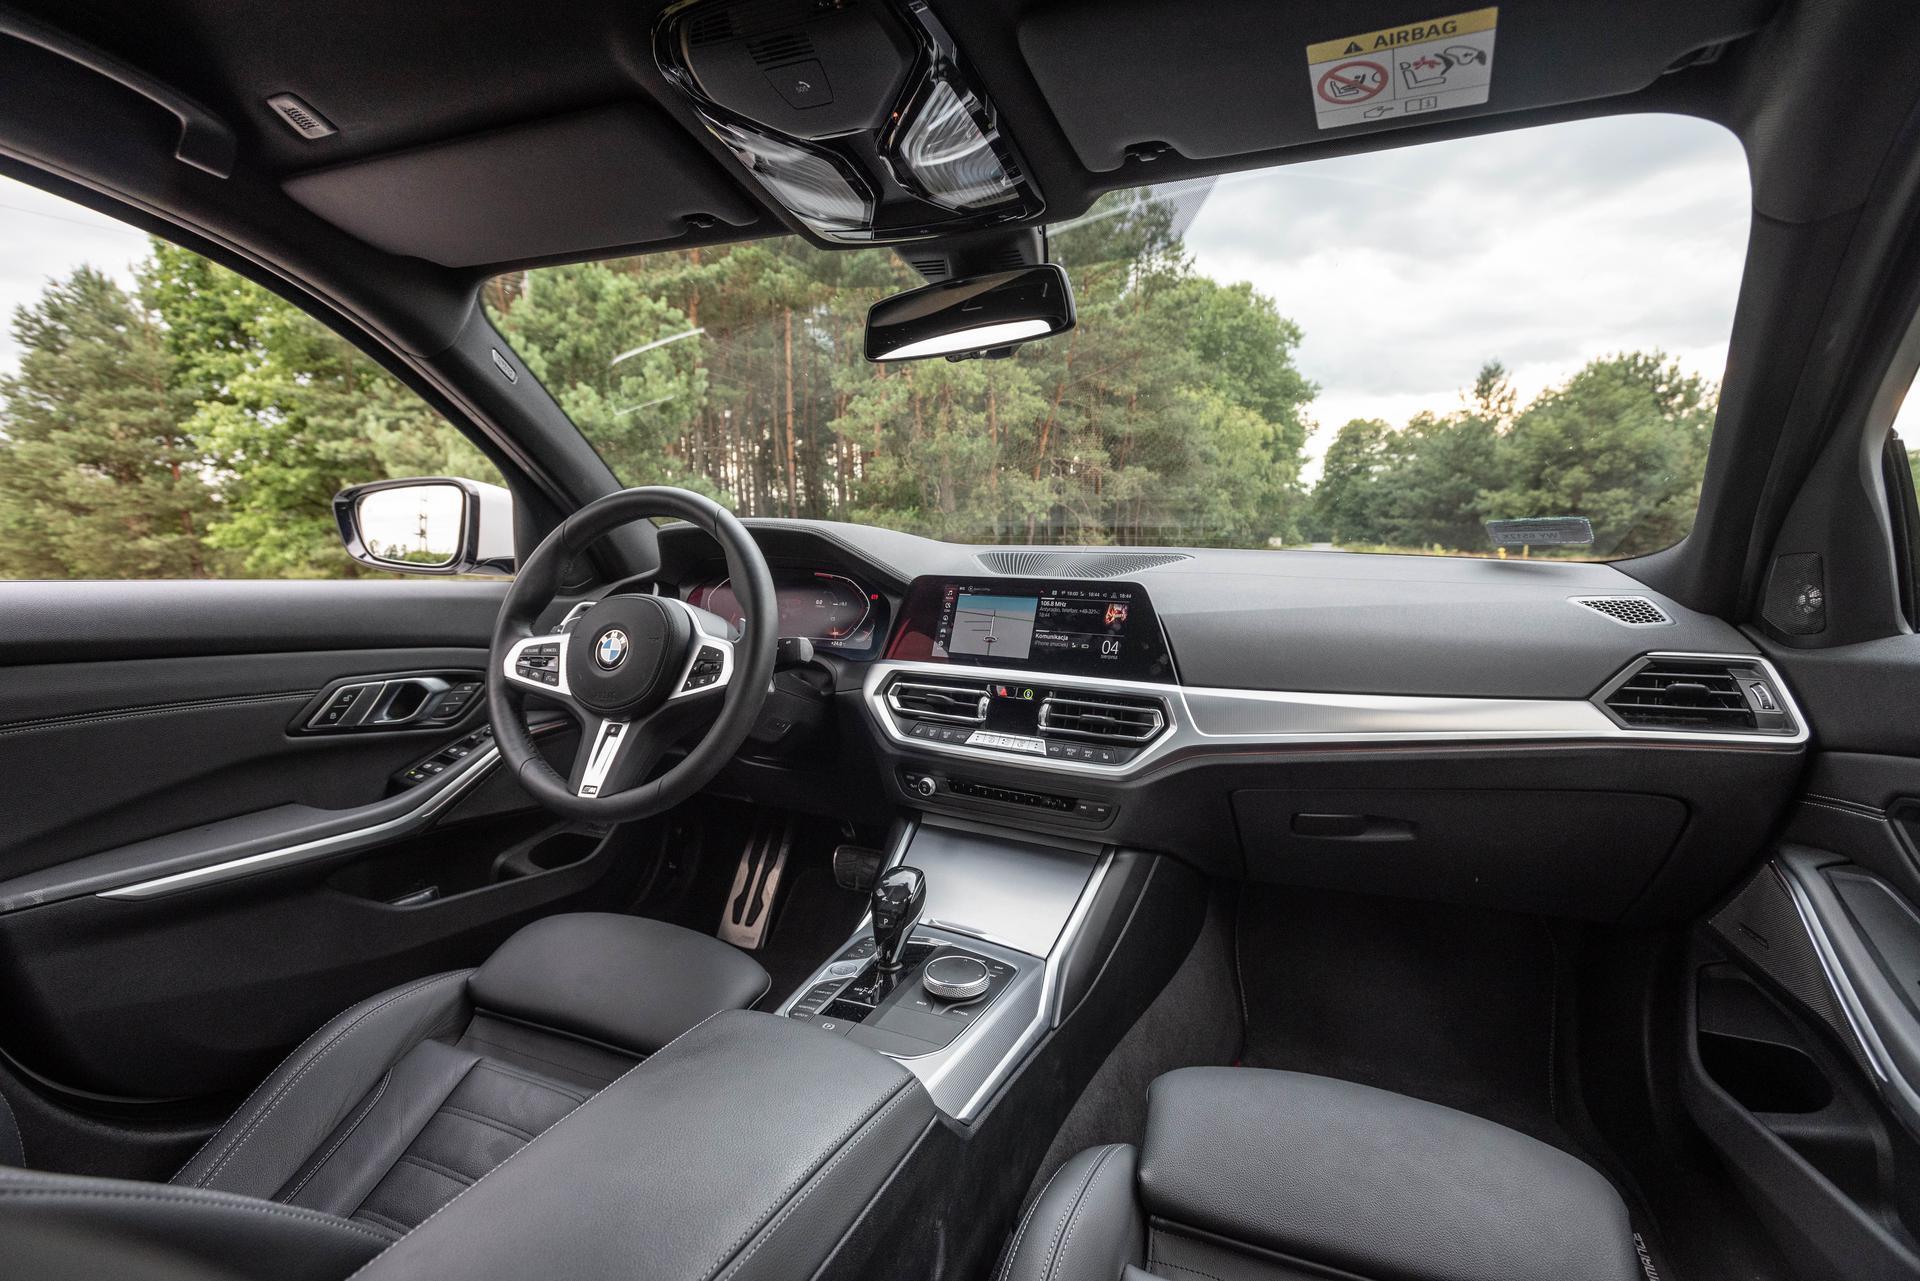 Na Takie Bmw Serii 3 Liczyli Fani Marki Bmw 320d Xdrive G20 Test Opinia Super Express Wiadomosci Polityka Sport